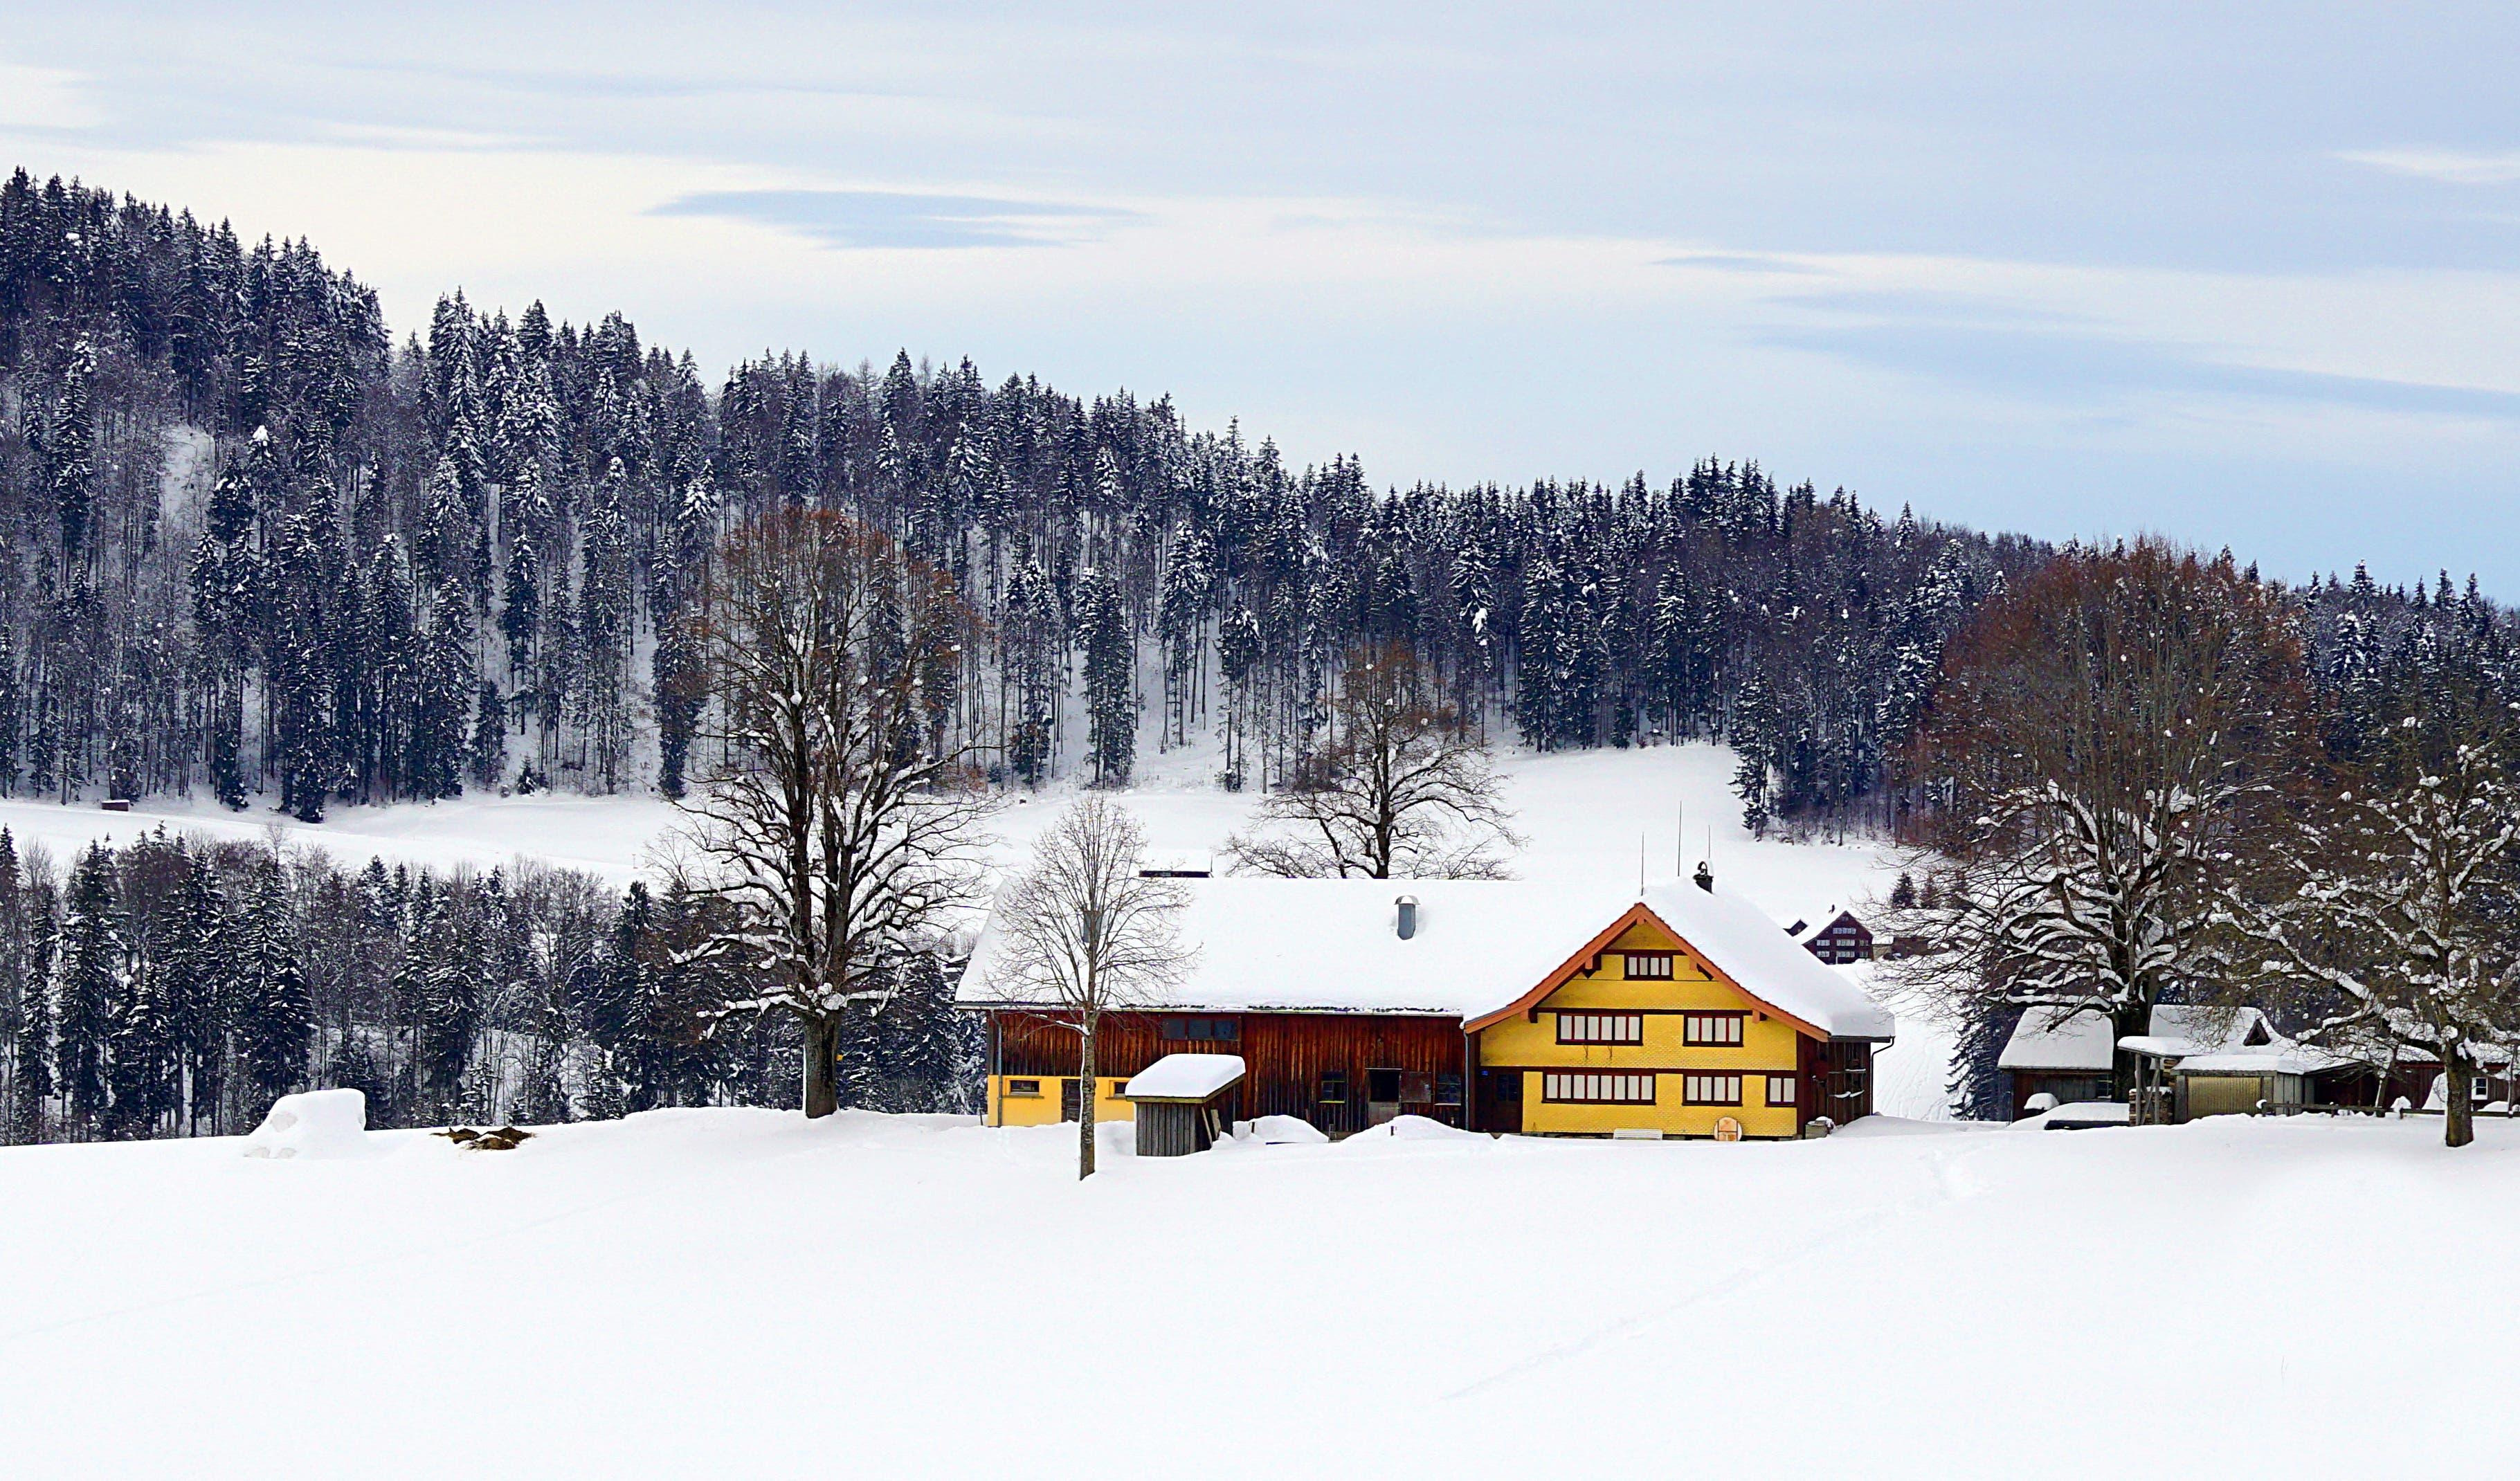 Ein Appenzellerhaus im Schnee.